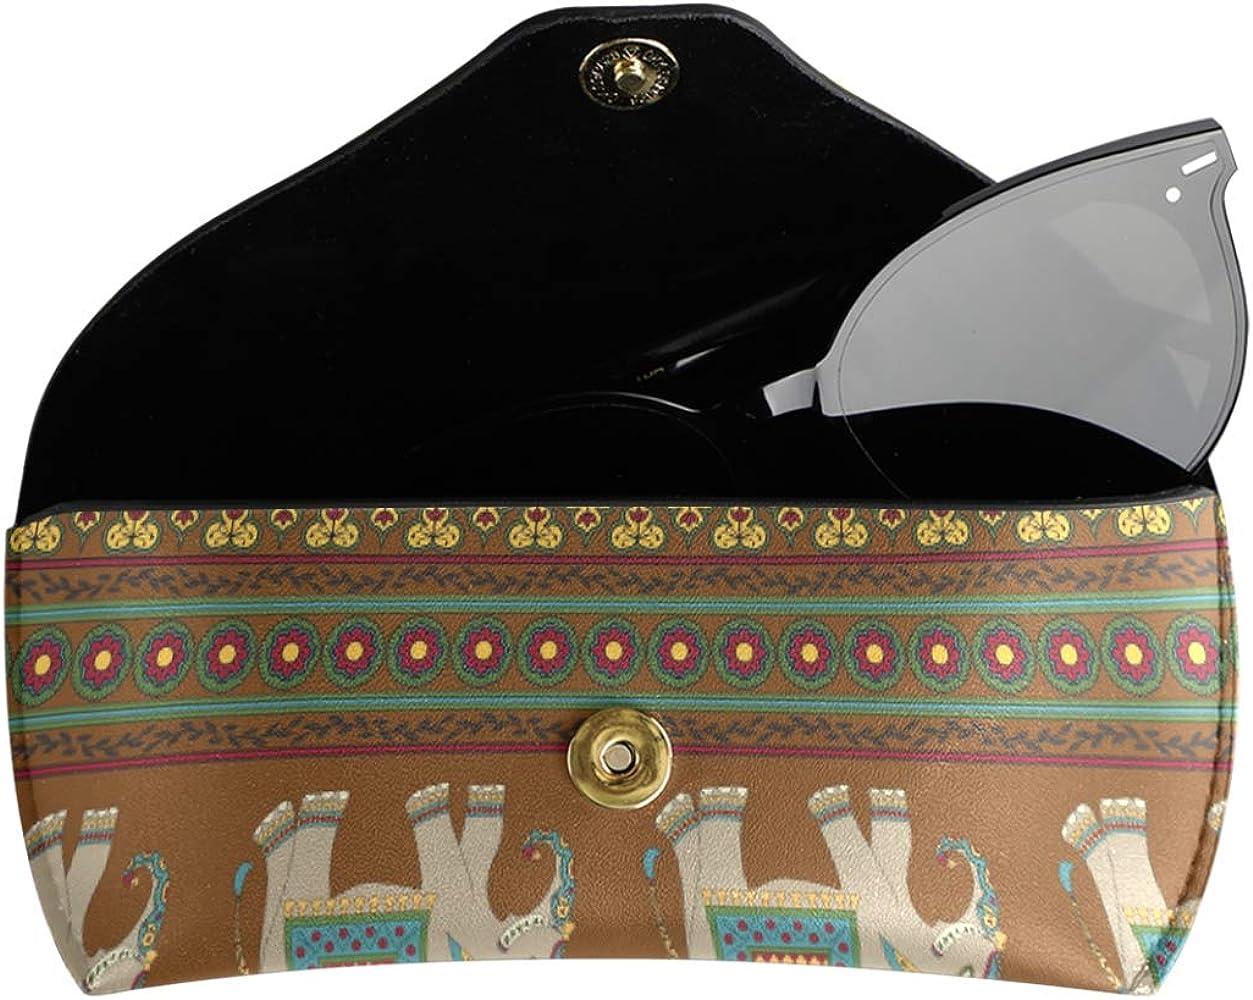 Estuche de gafas de sol de cuero de la PU Estuche de anteojos Arte Animal étnico Elefante Tribal Stripe Gafas portátiles Bolsa Almacenamiento Multiuso: Amazon.es: Ropa y accesorios